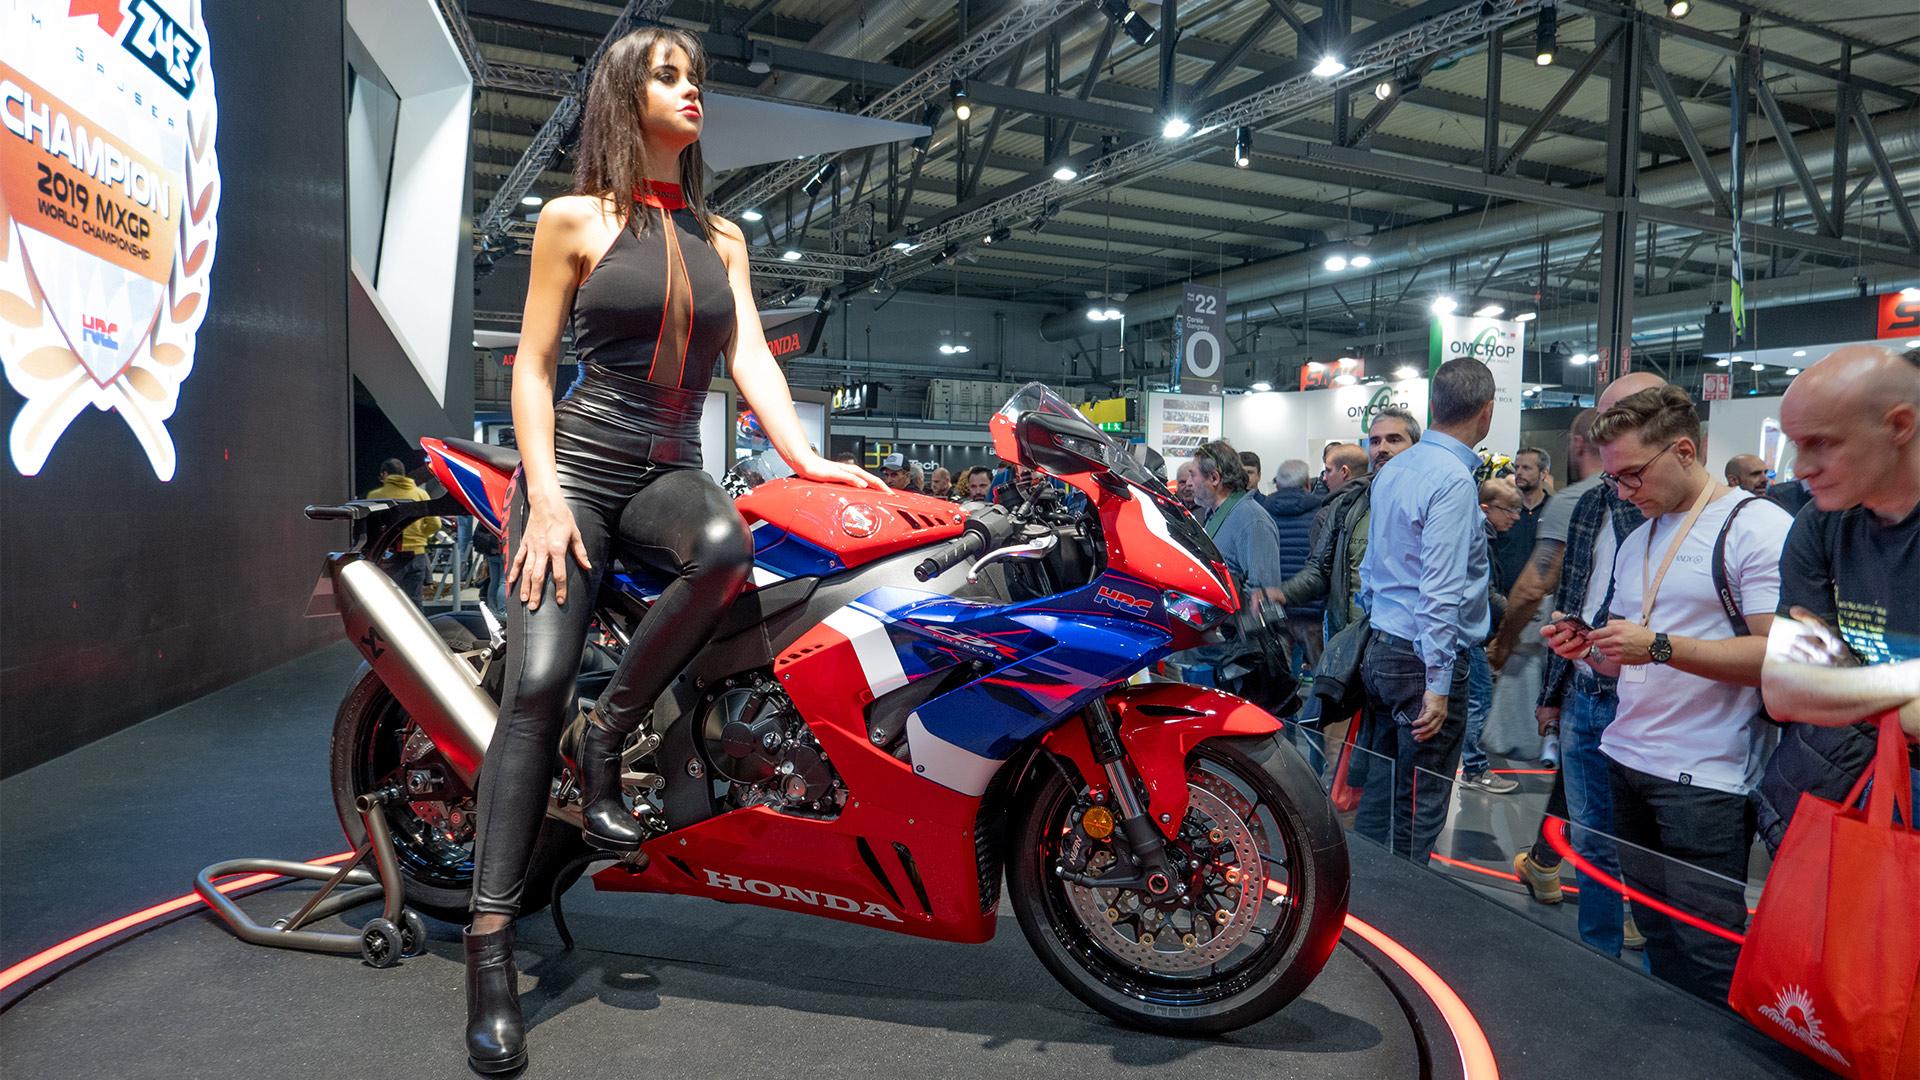 Siêu phẩm Honda CBR1000RR-R Fireblade 2020 lộ diện CỰC NGẦU, cảm hứng từ MotoGP